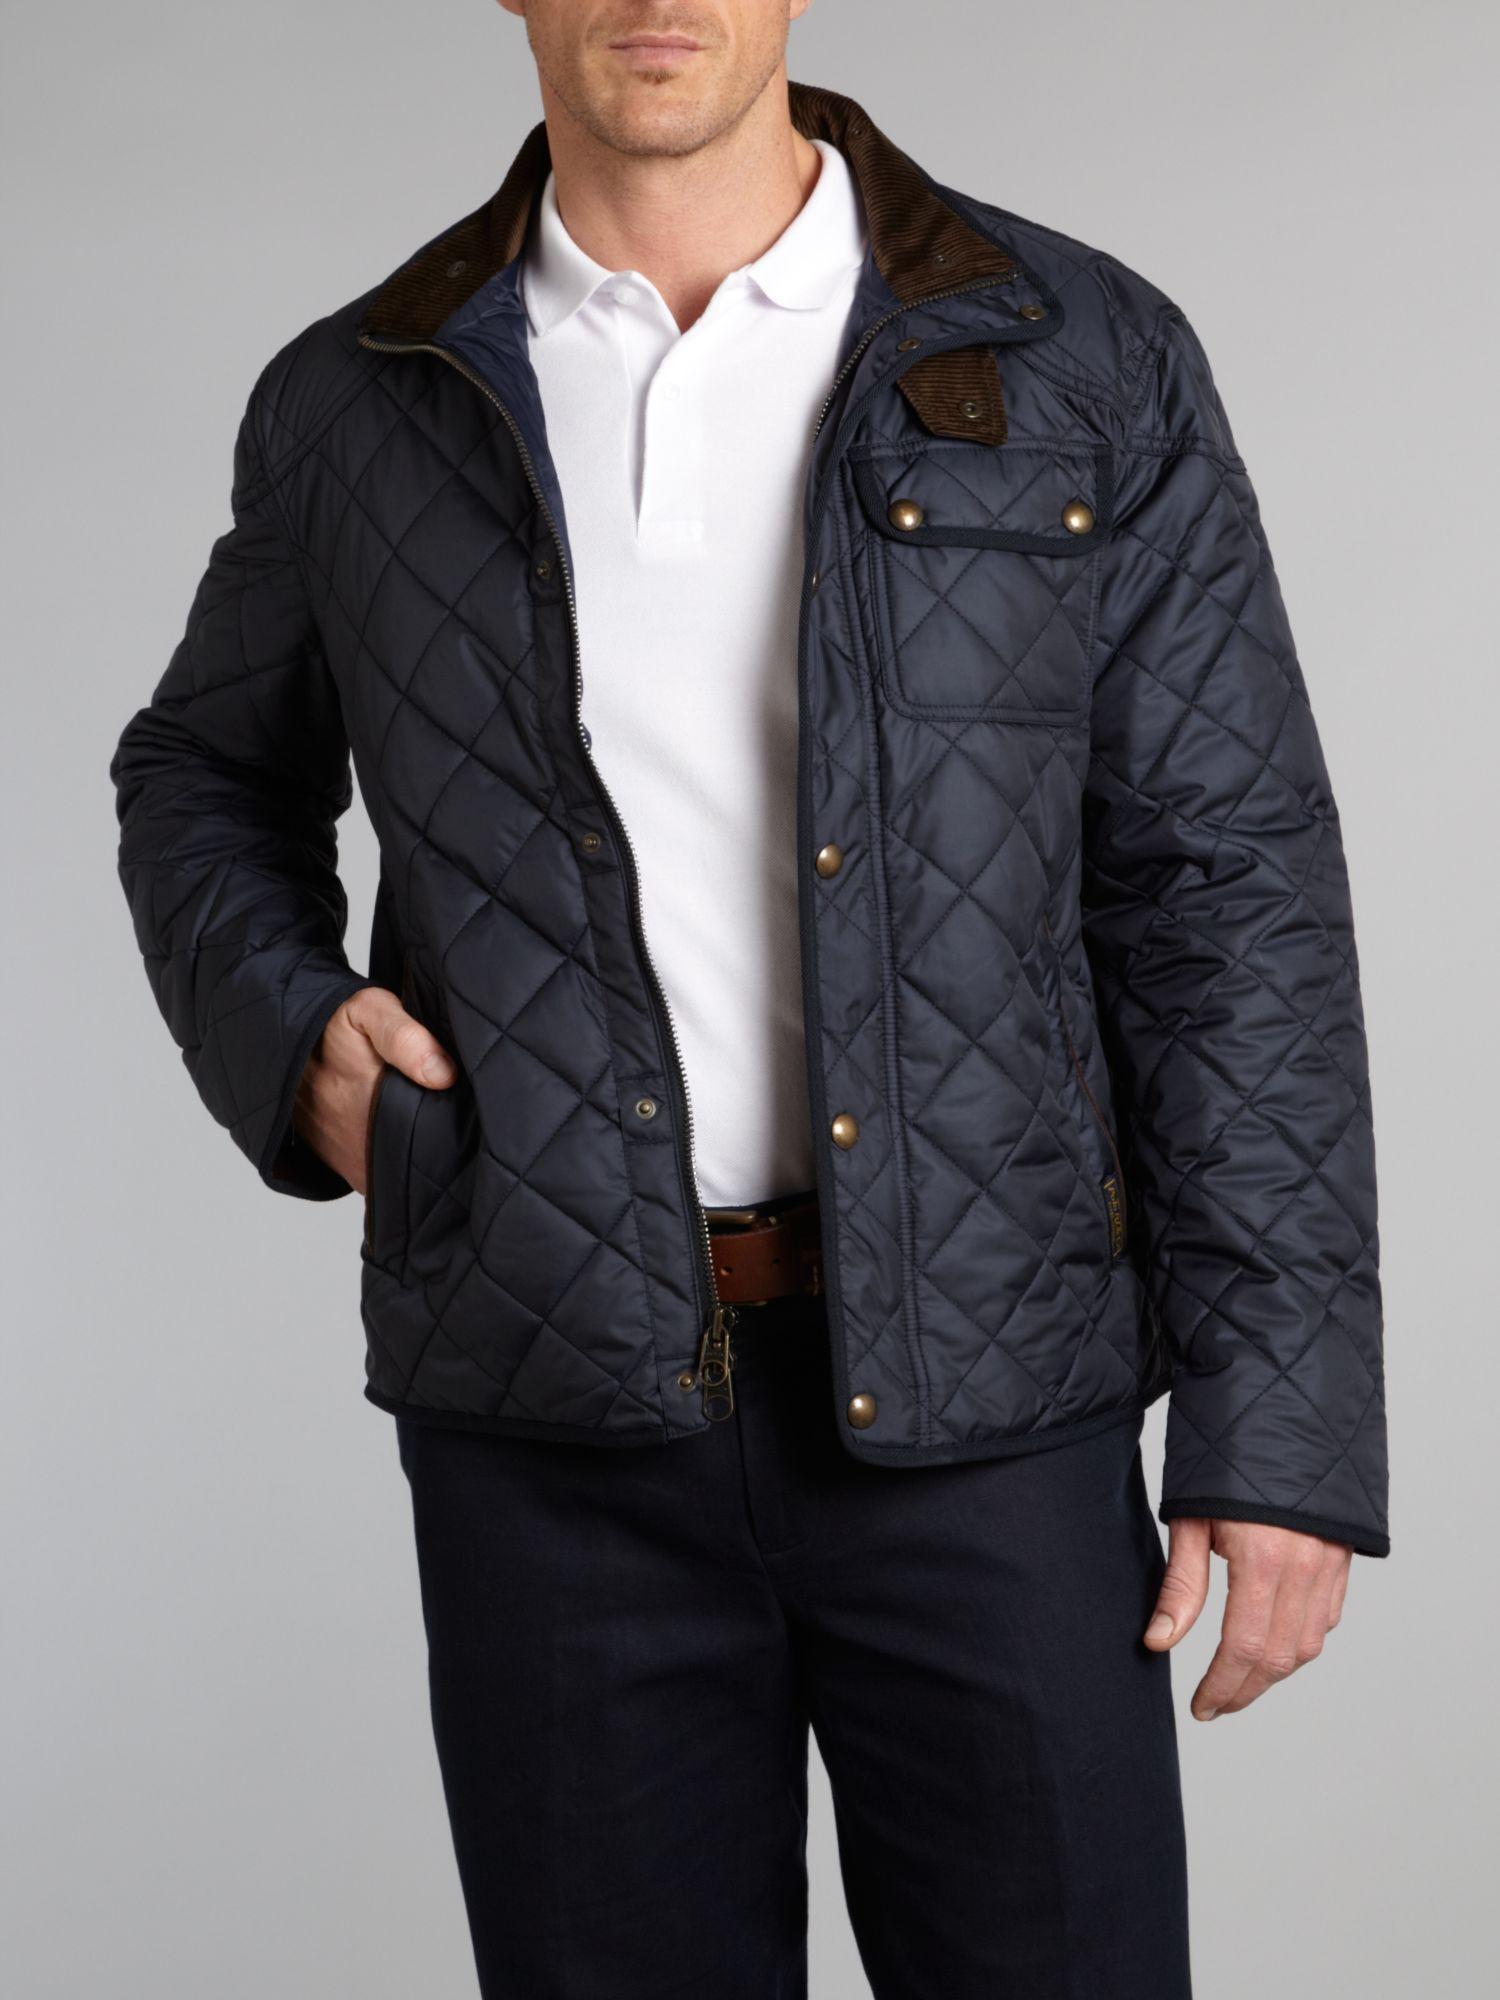 Polo Ralph Lauren Shirts Cheap Polo Ralph Lauren Mens Jackets